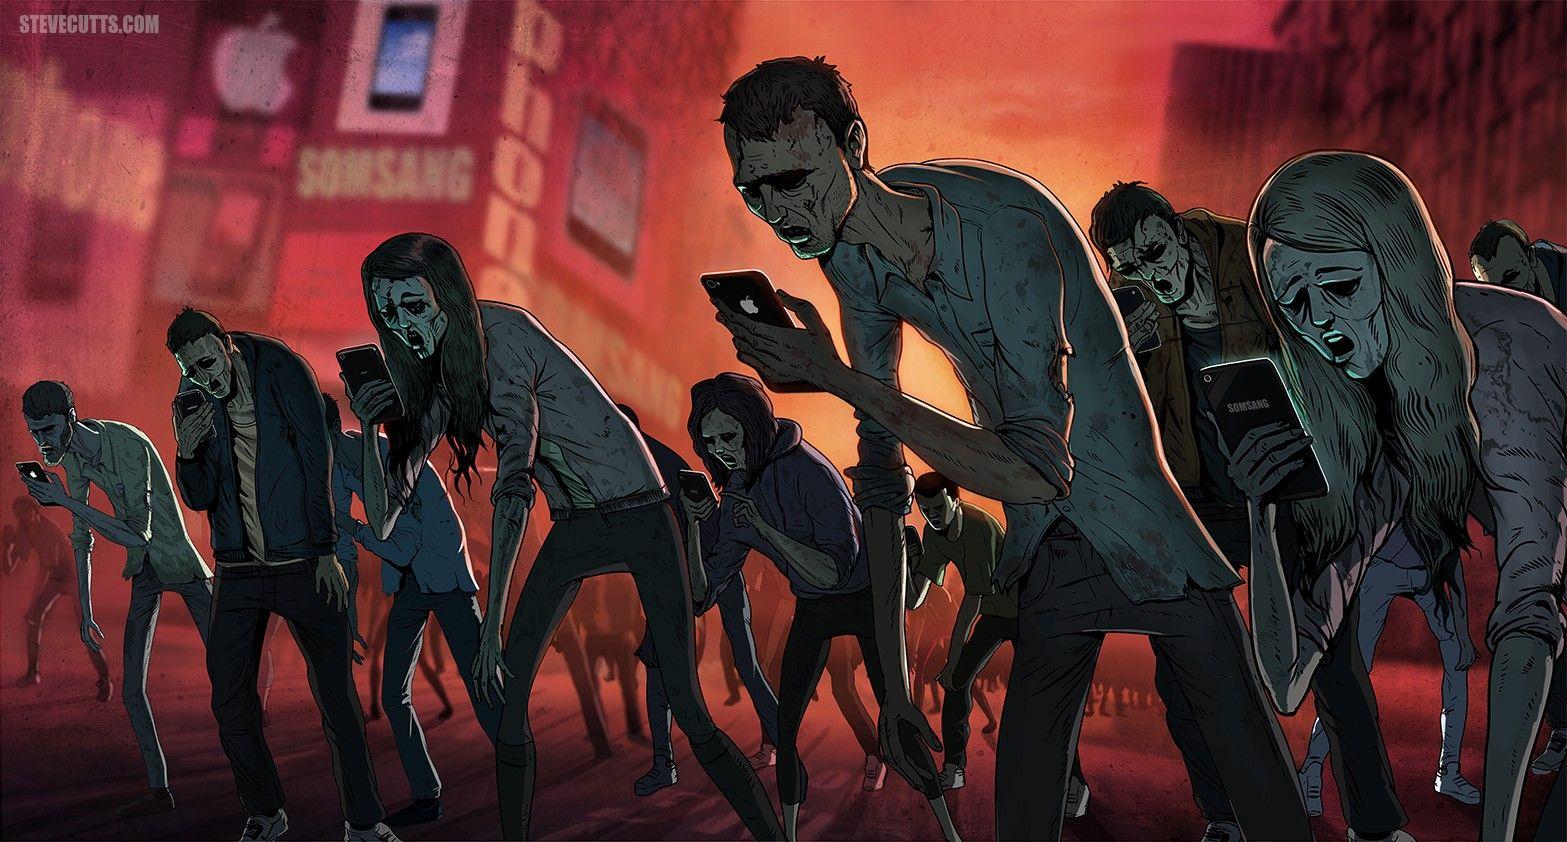 Bác sĩ tâm thần giải thích: Tại sao chúng ta nghiện mạng xã hội, ứng dụng mua sắm và game trên điện thoại di động? - Ảnh 4.